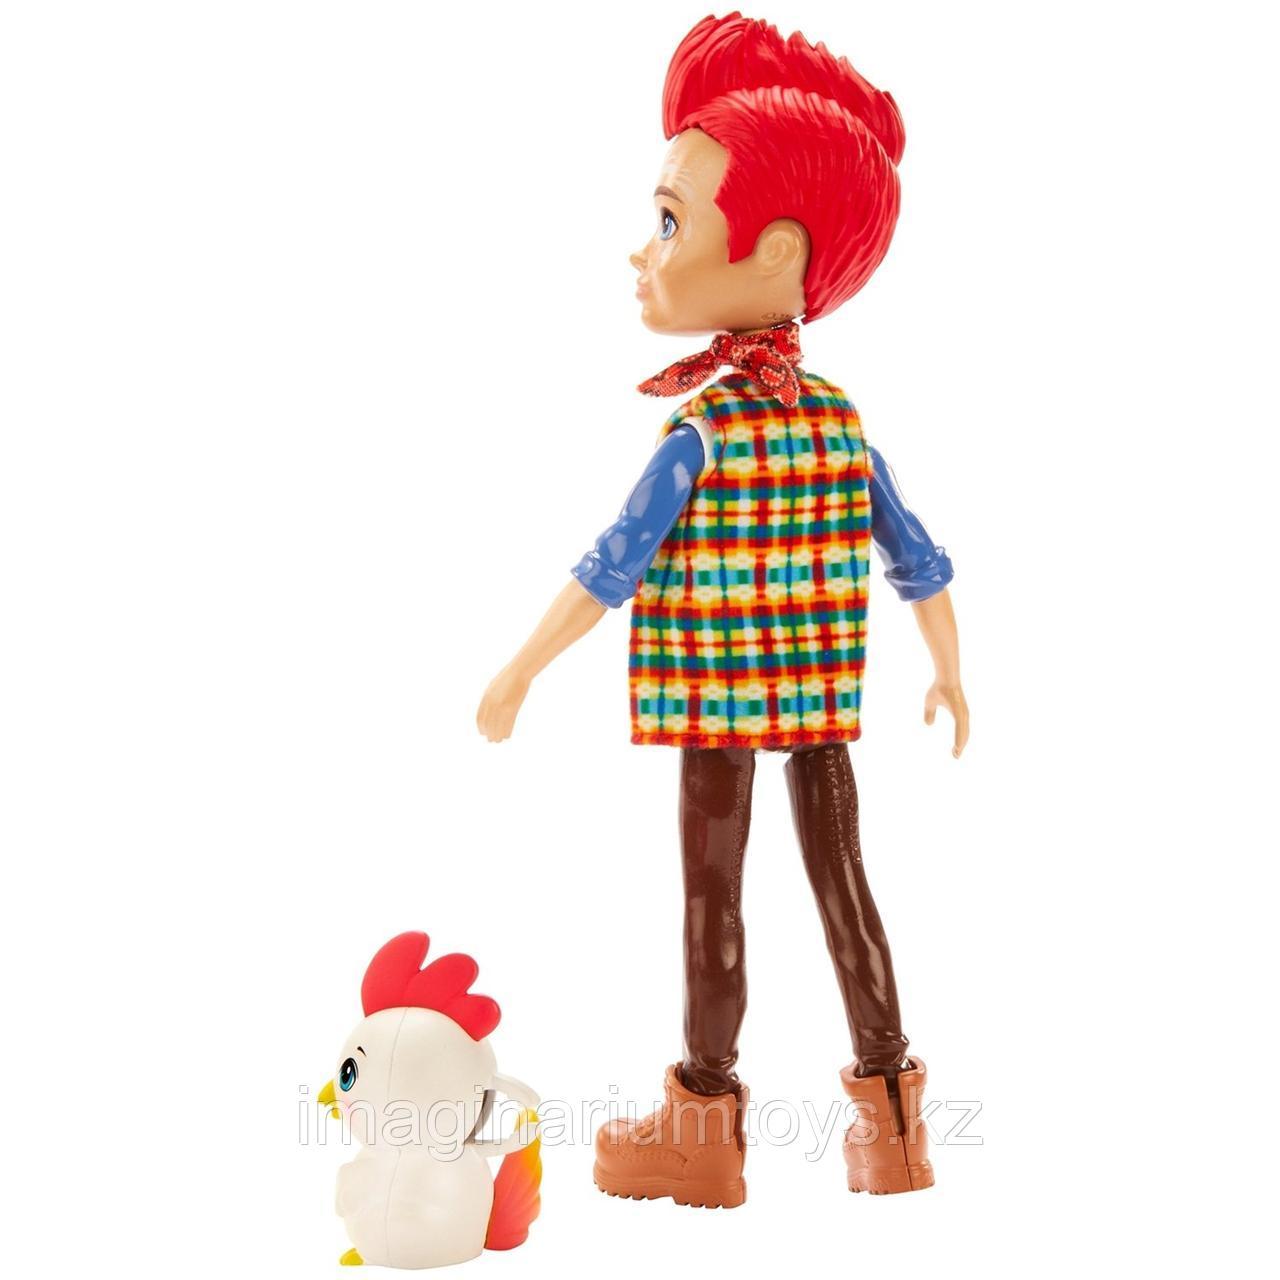 Кукла Enchantimals мальчик петушок Ривод Рустер и Клак - фото 2